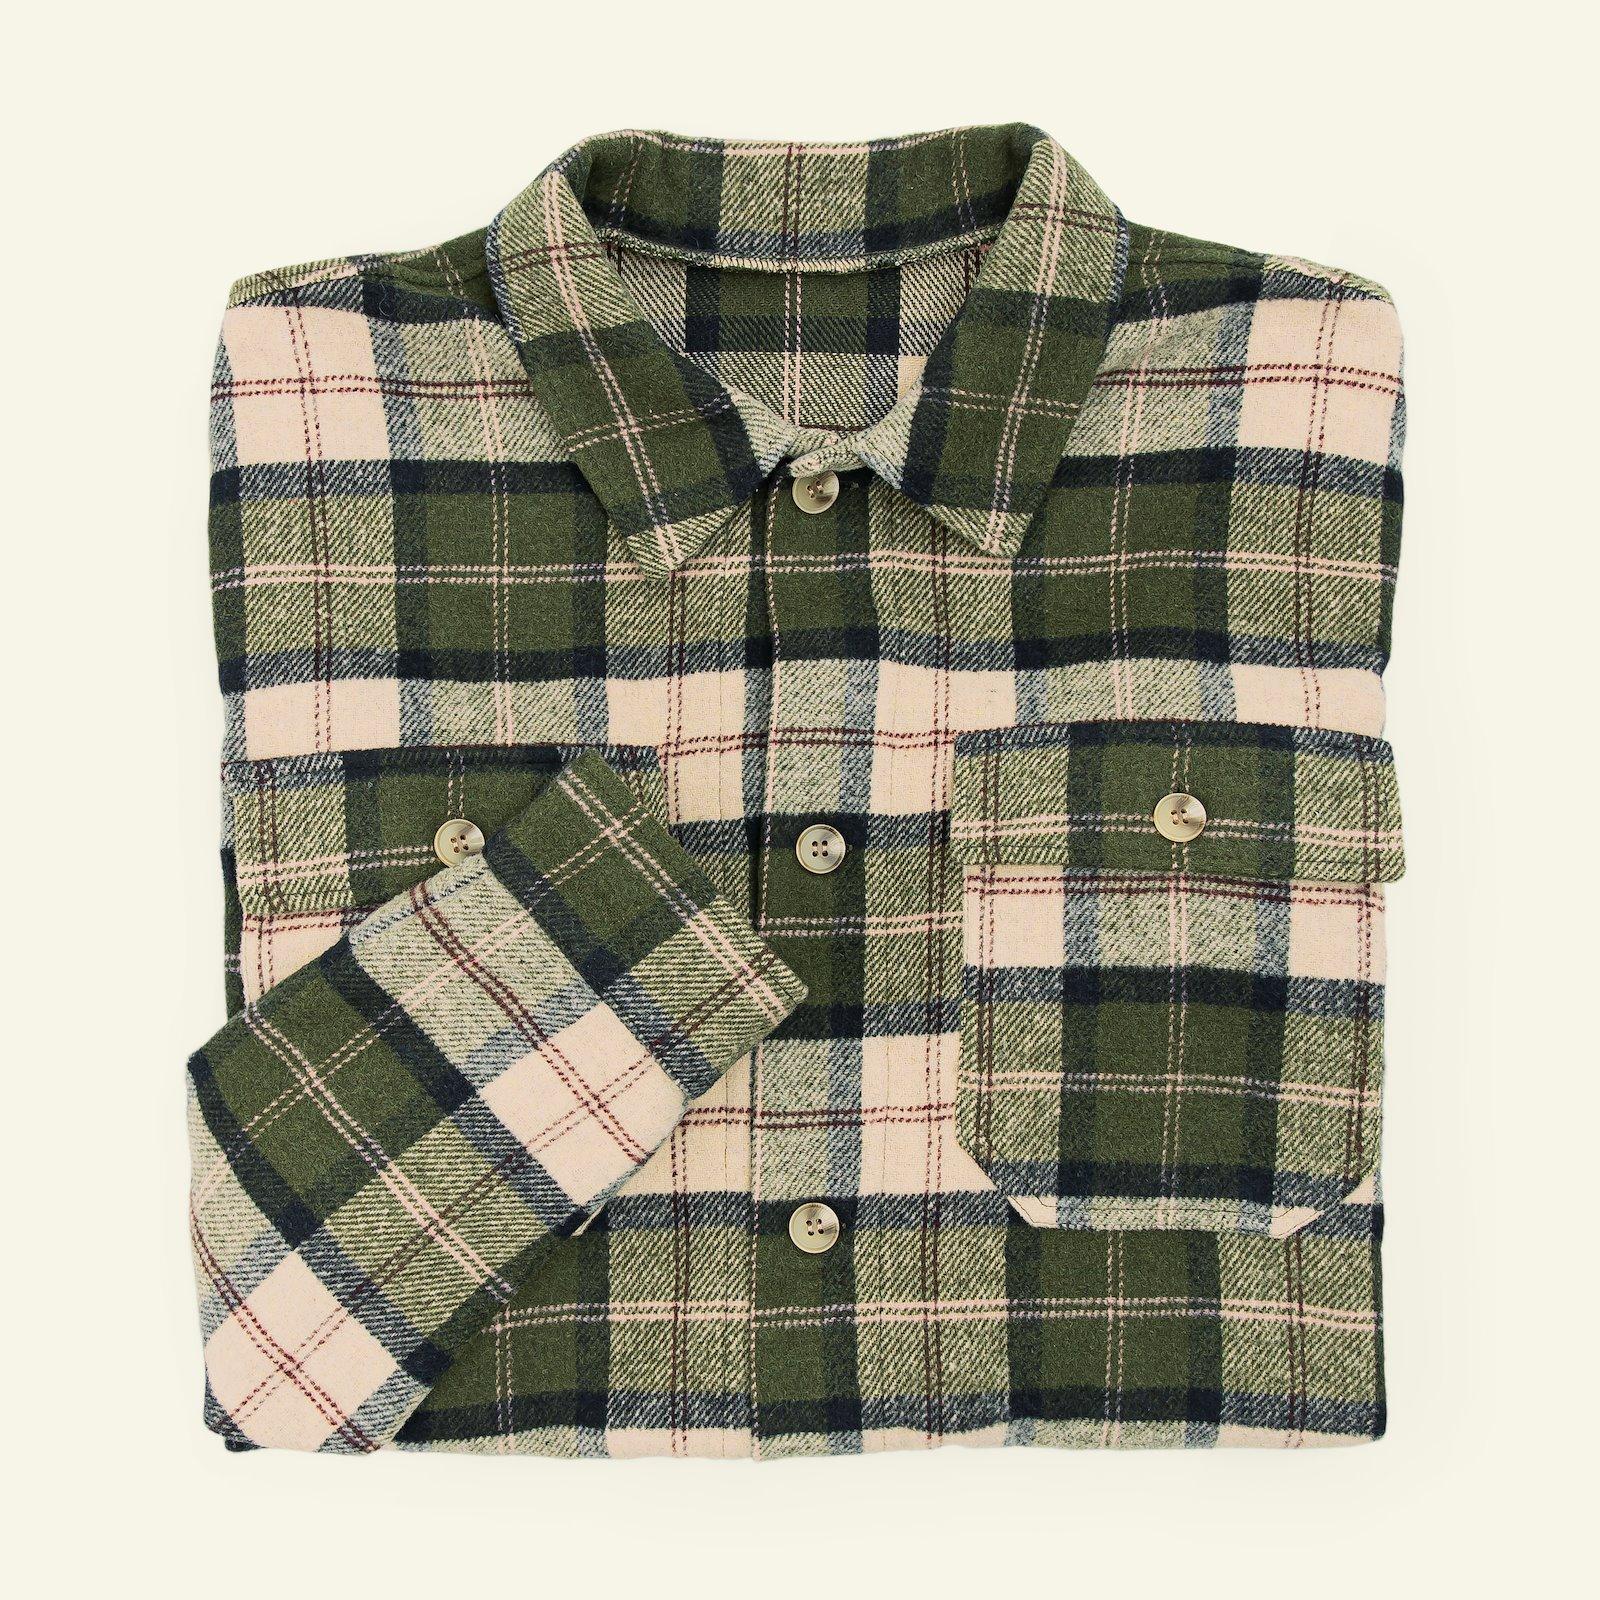 Men shirtjacket, M p87005_40229_400324_sskit